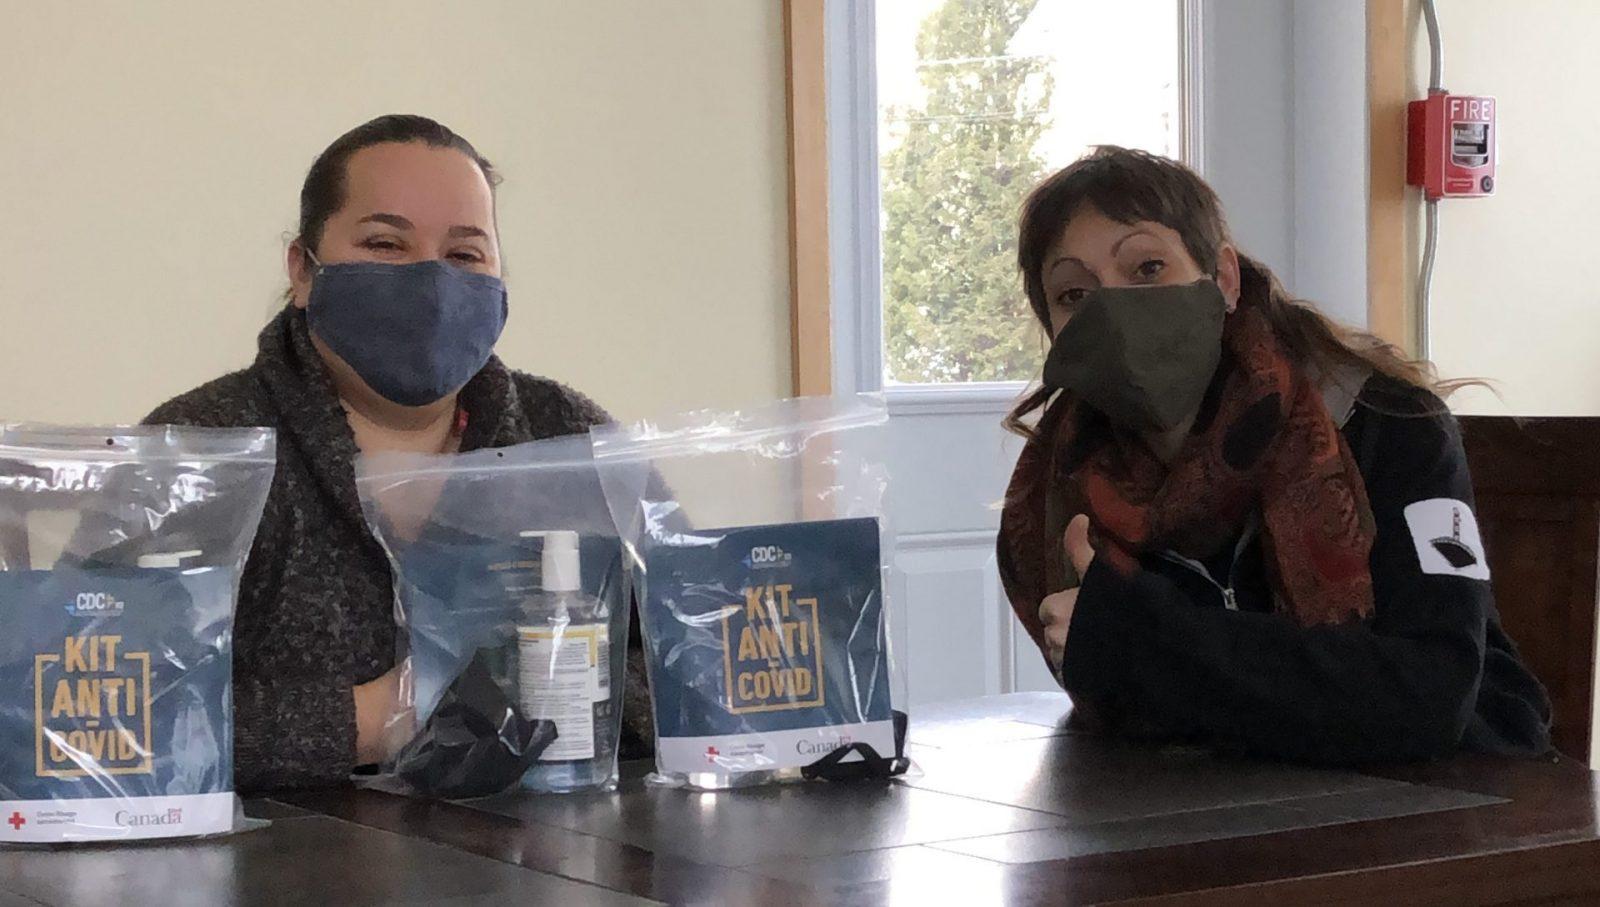 Le MÉHA de St-Pamphile distribue des kits « anti-Covid » gratuitement.